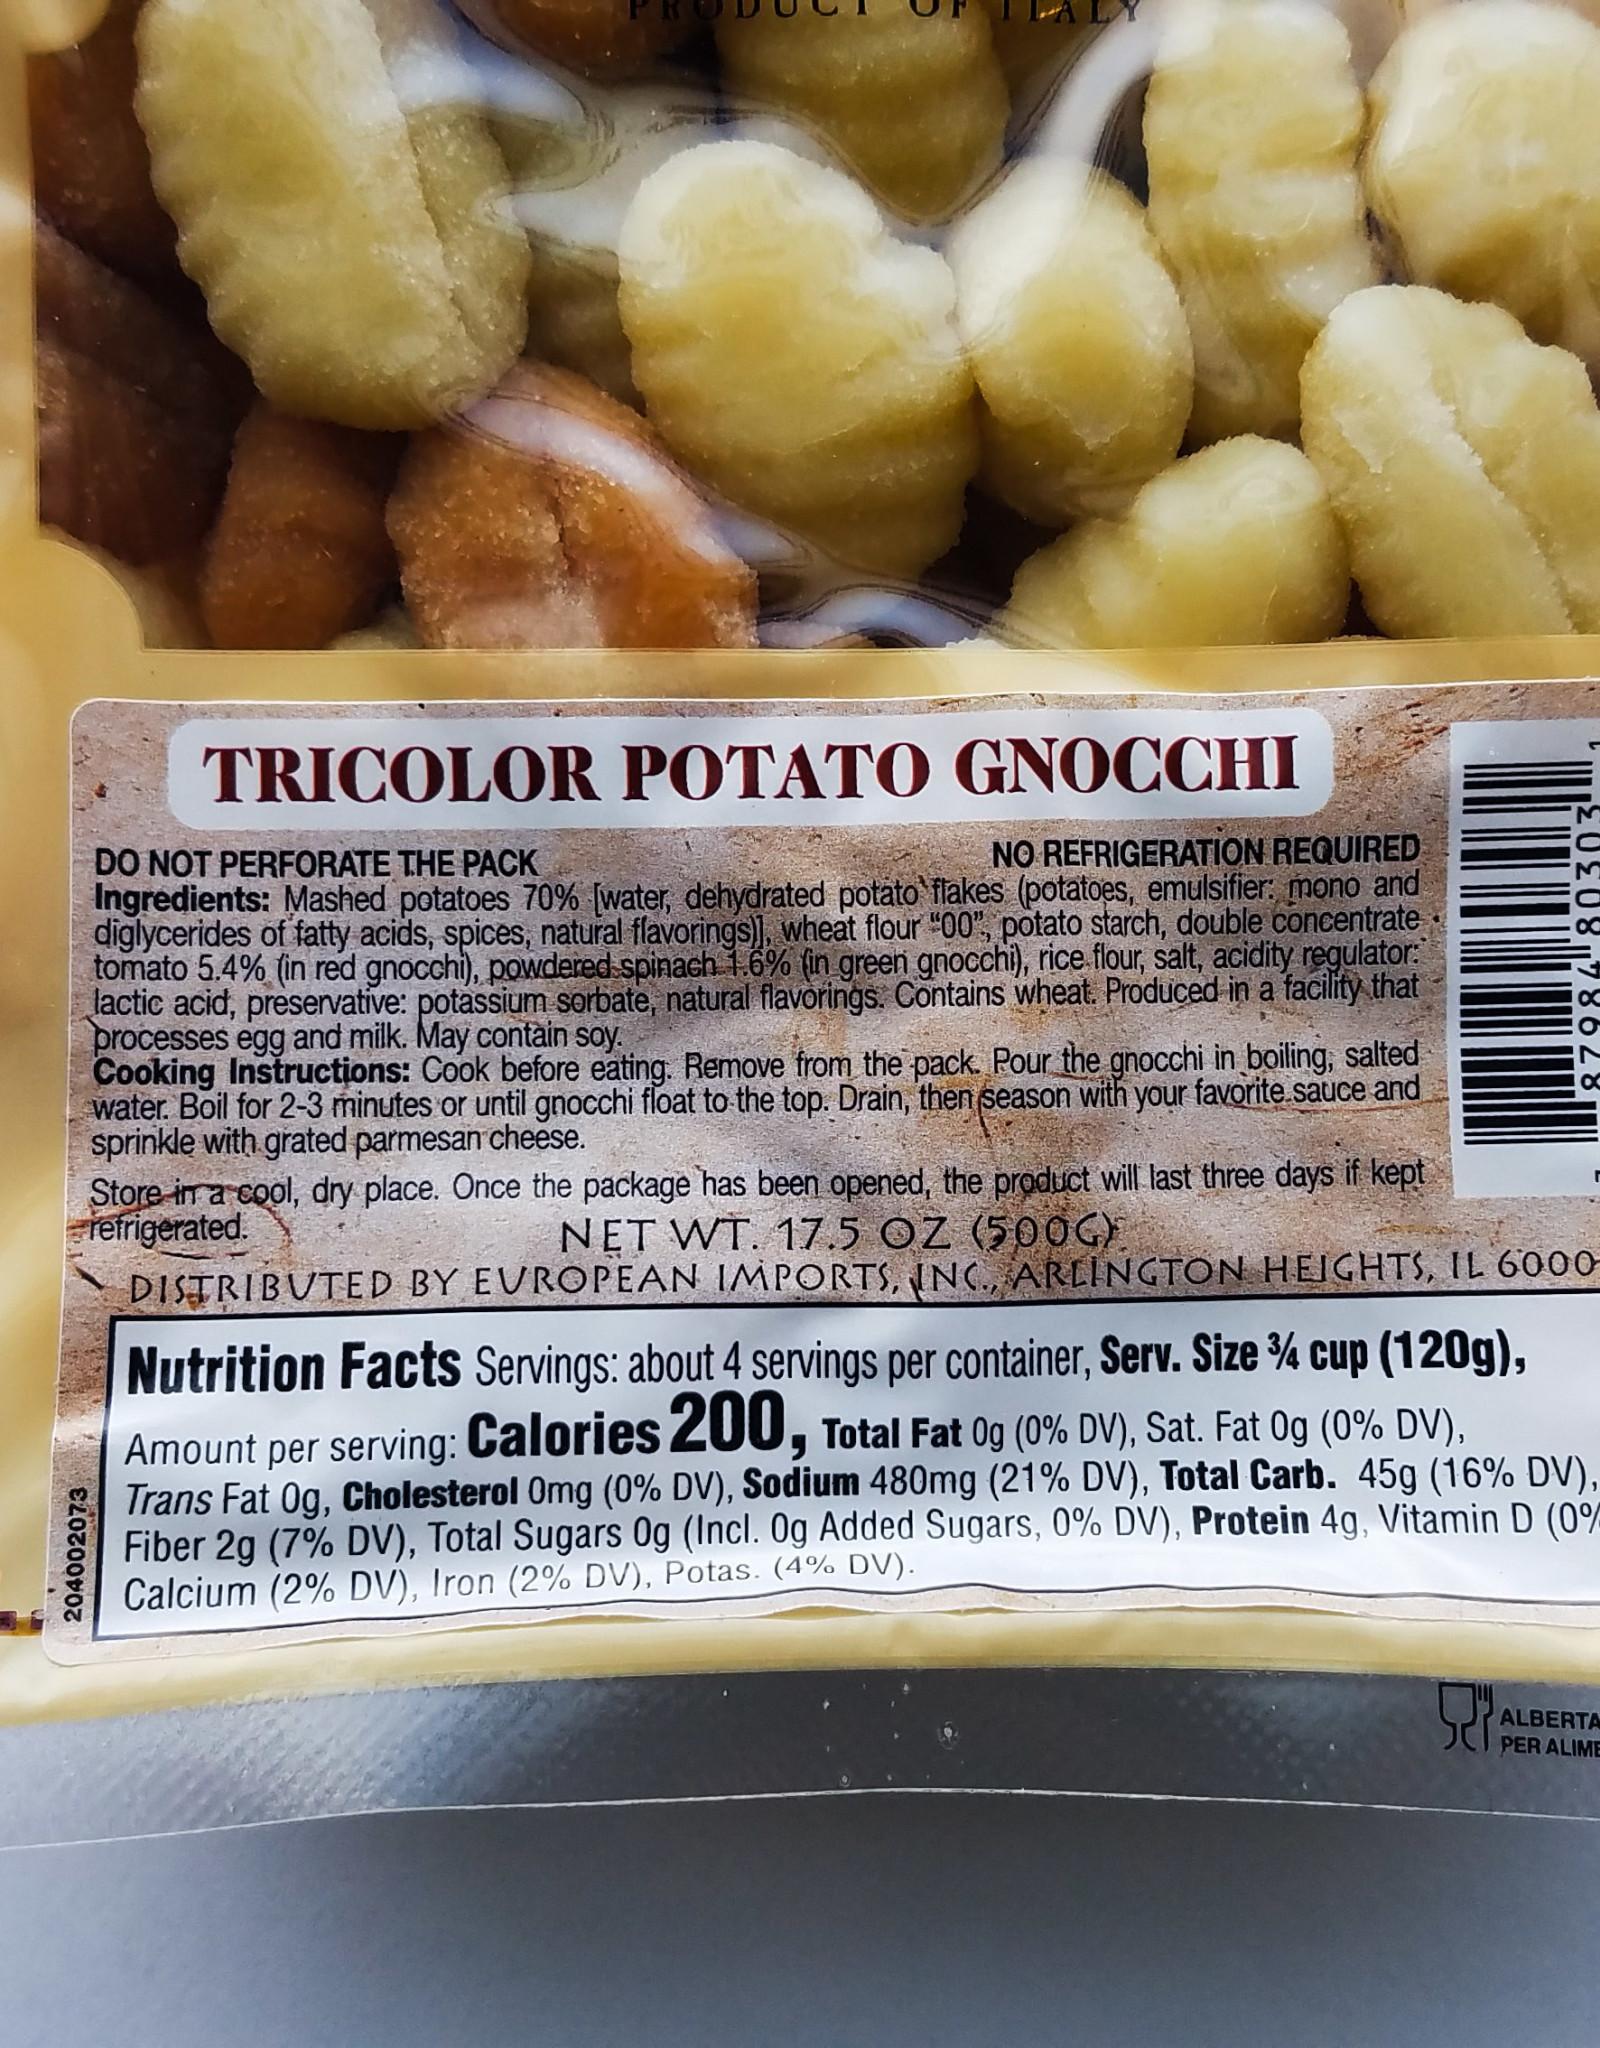 European Imports Cucina Viva Gnocchi, Tricolor